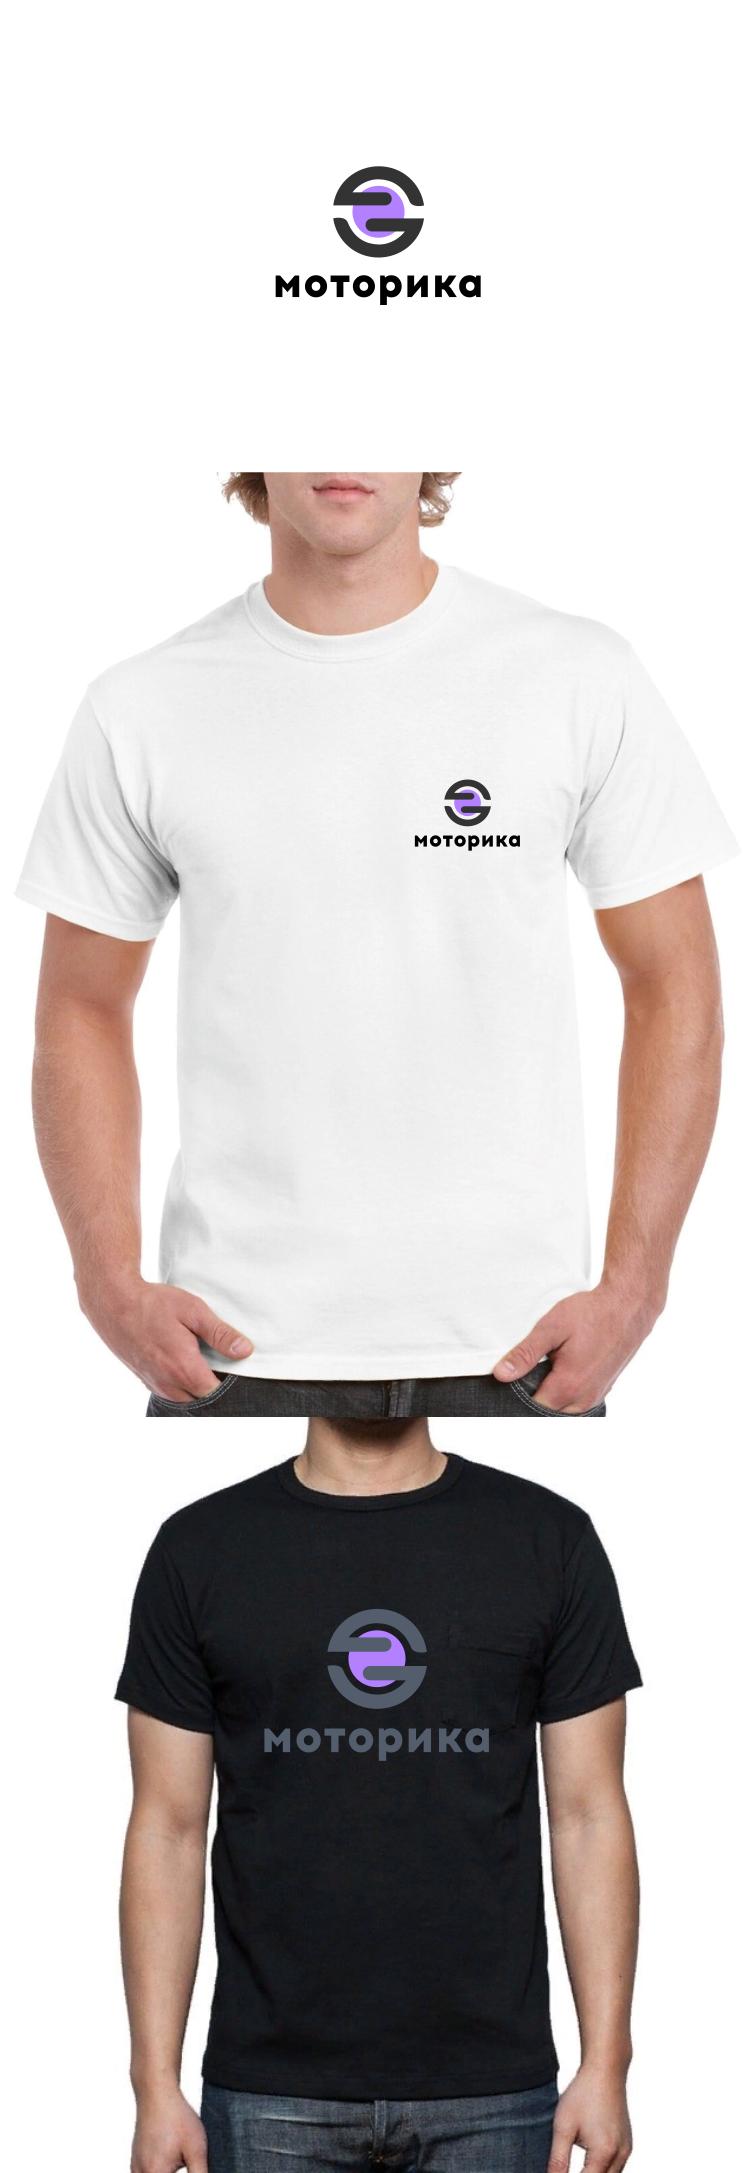 Нарисовать принты на футболки для компании Моторика фото f_67560a6cd4b7fbca.png